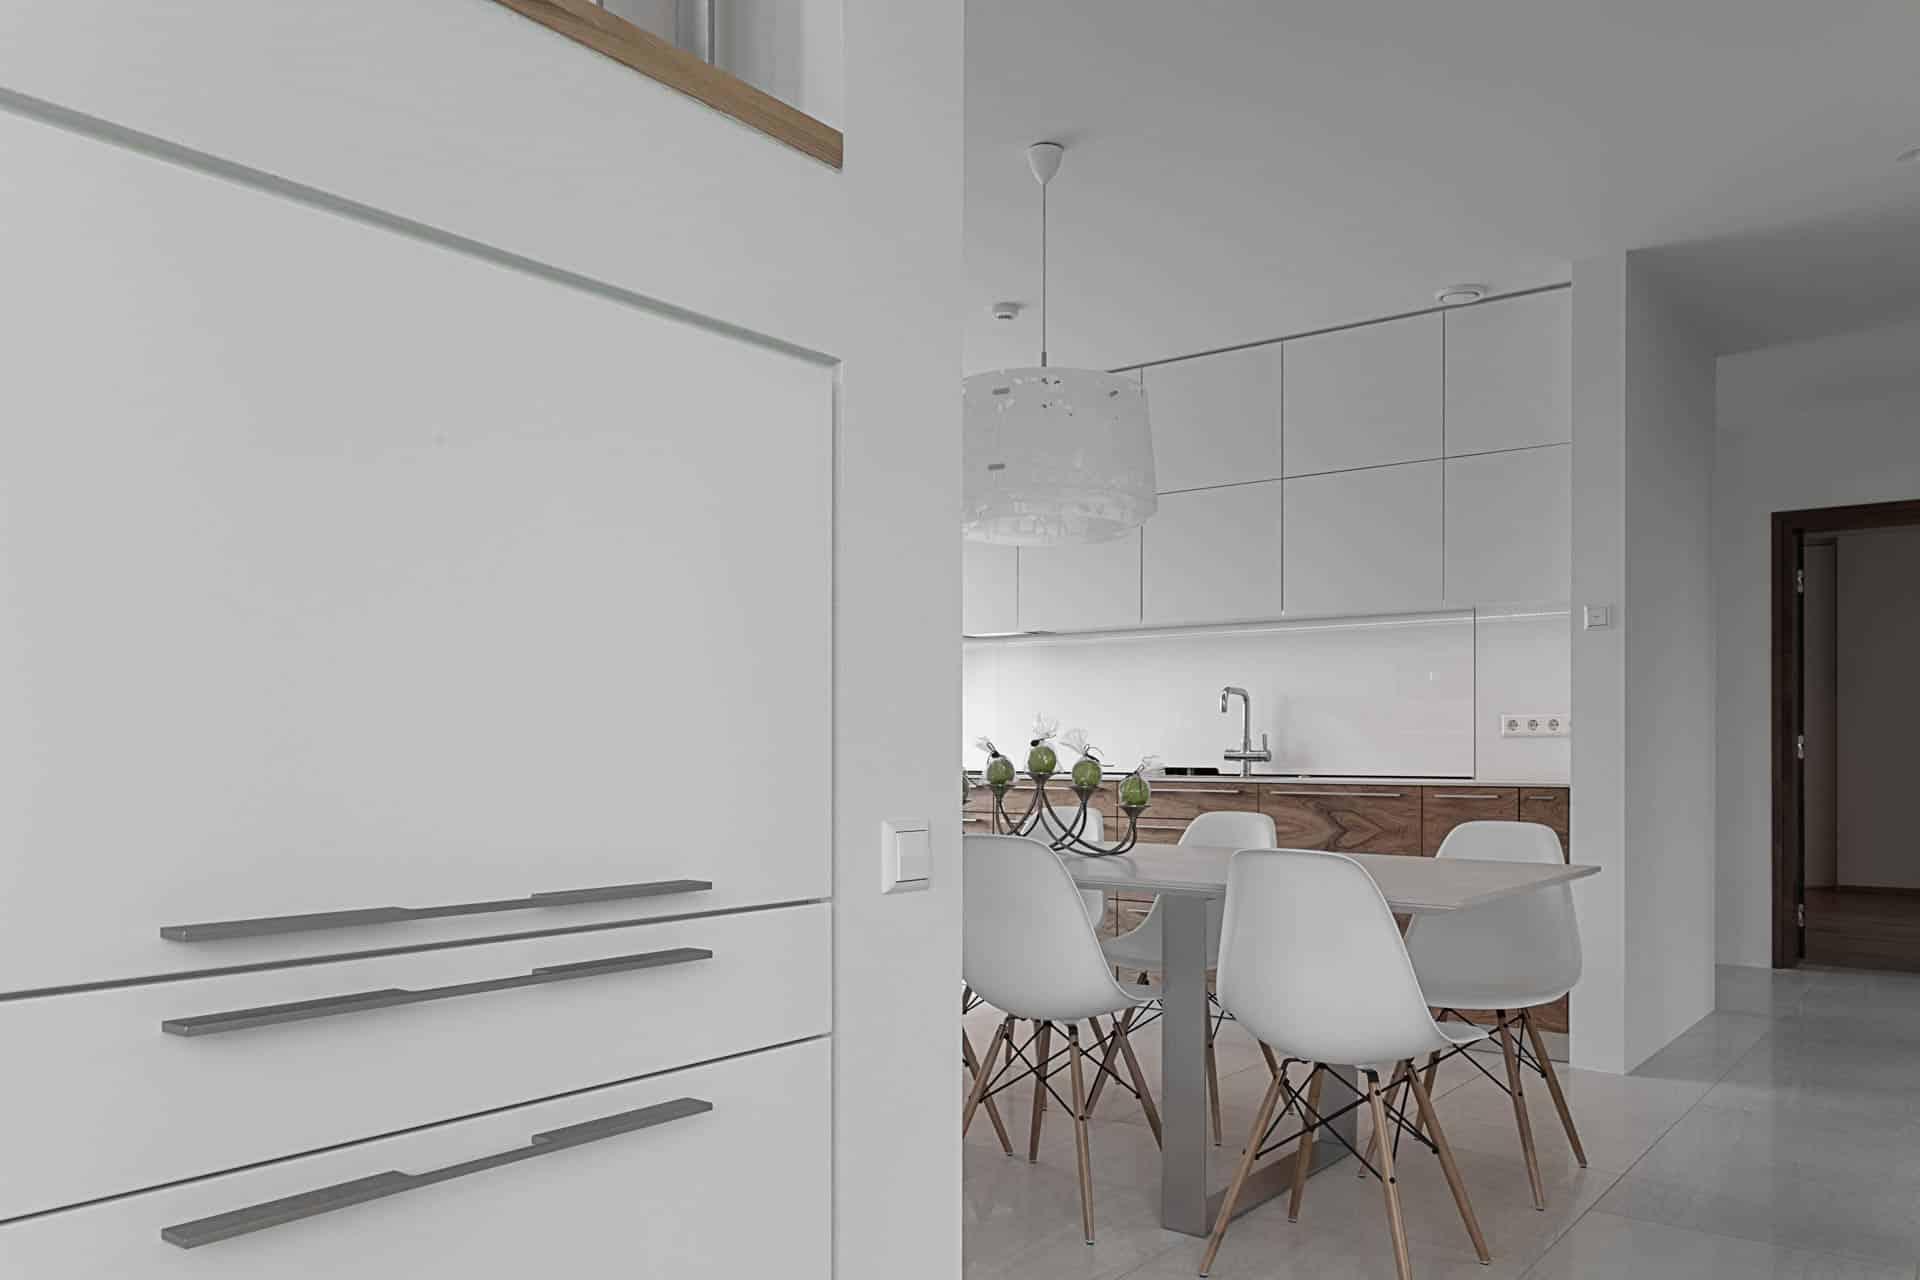 Mobili da cucina bianchi